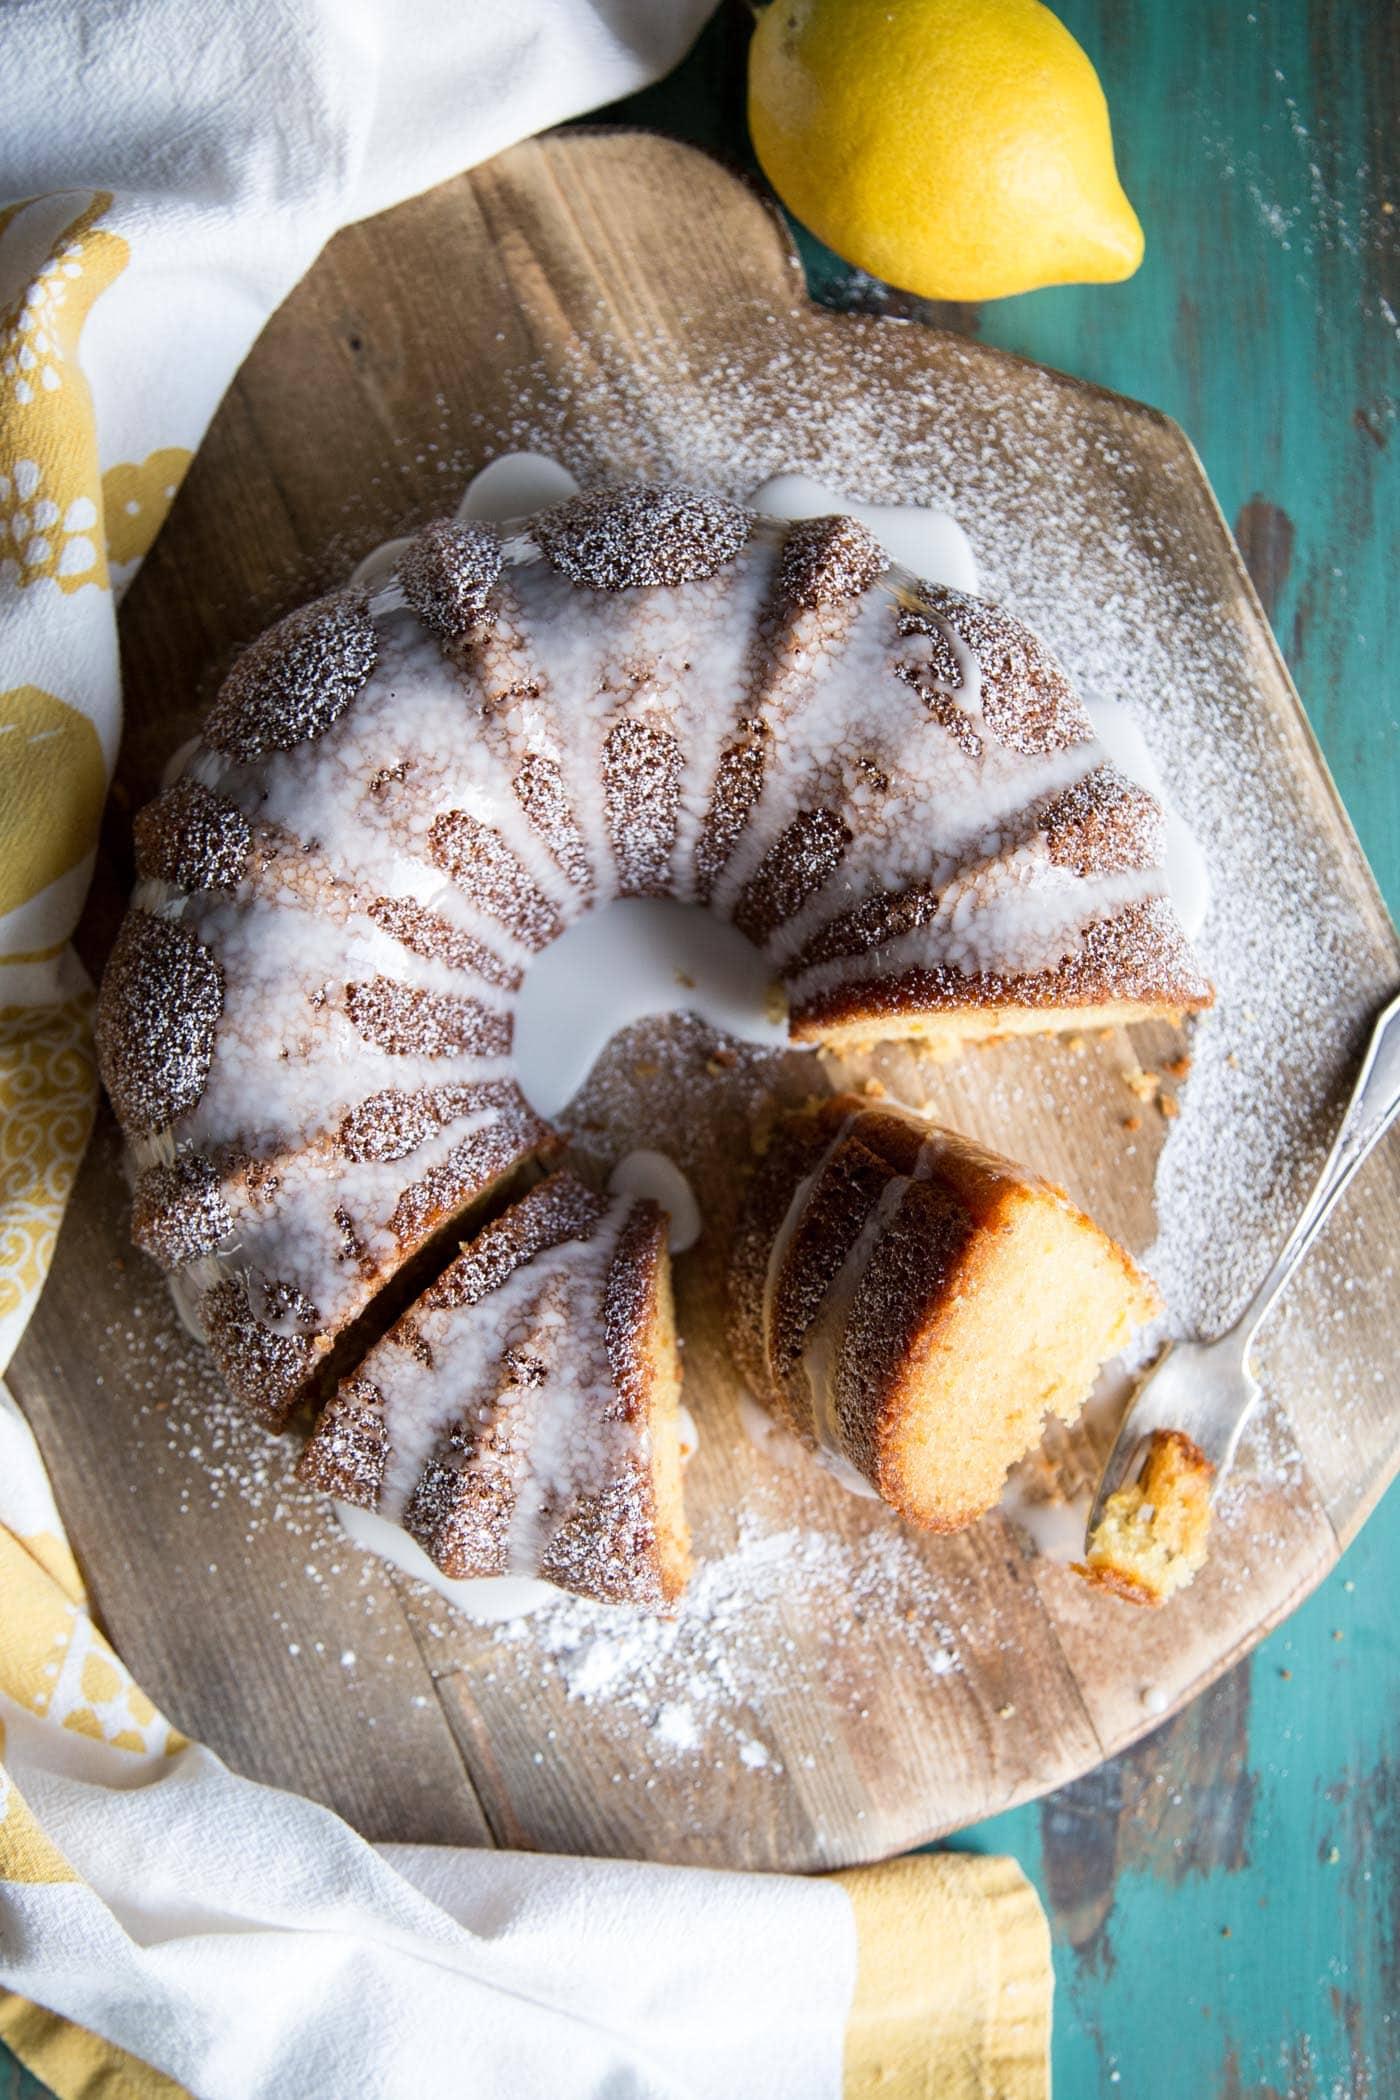 Lemon bundt cake with glaze on a wooden board